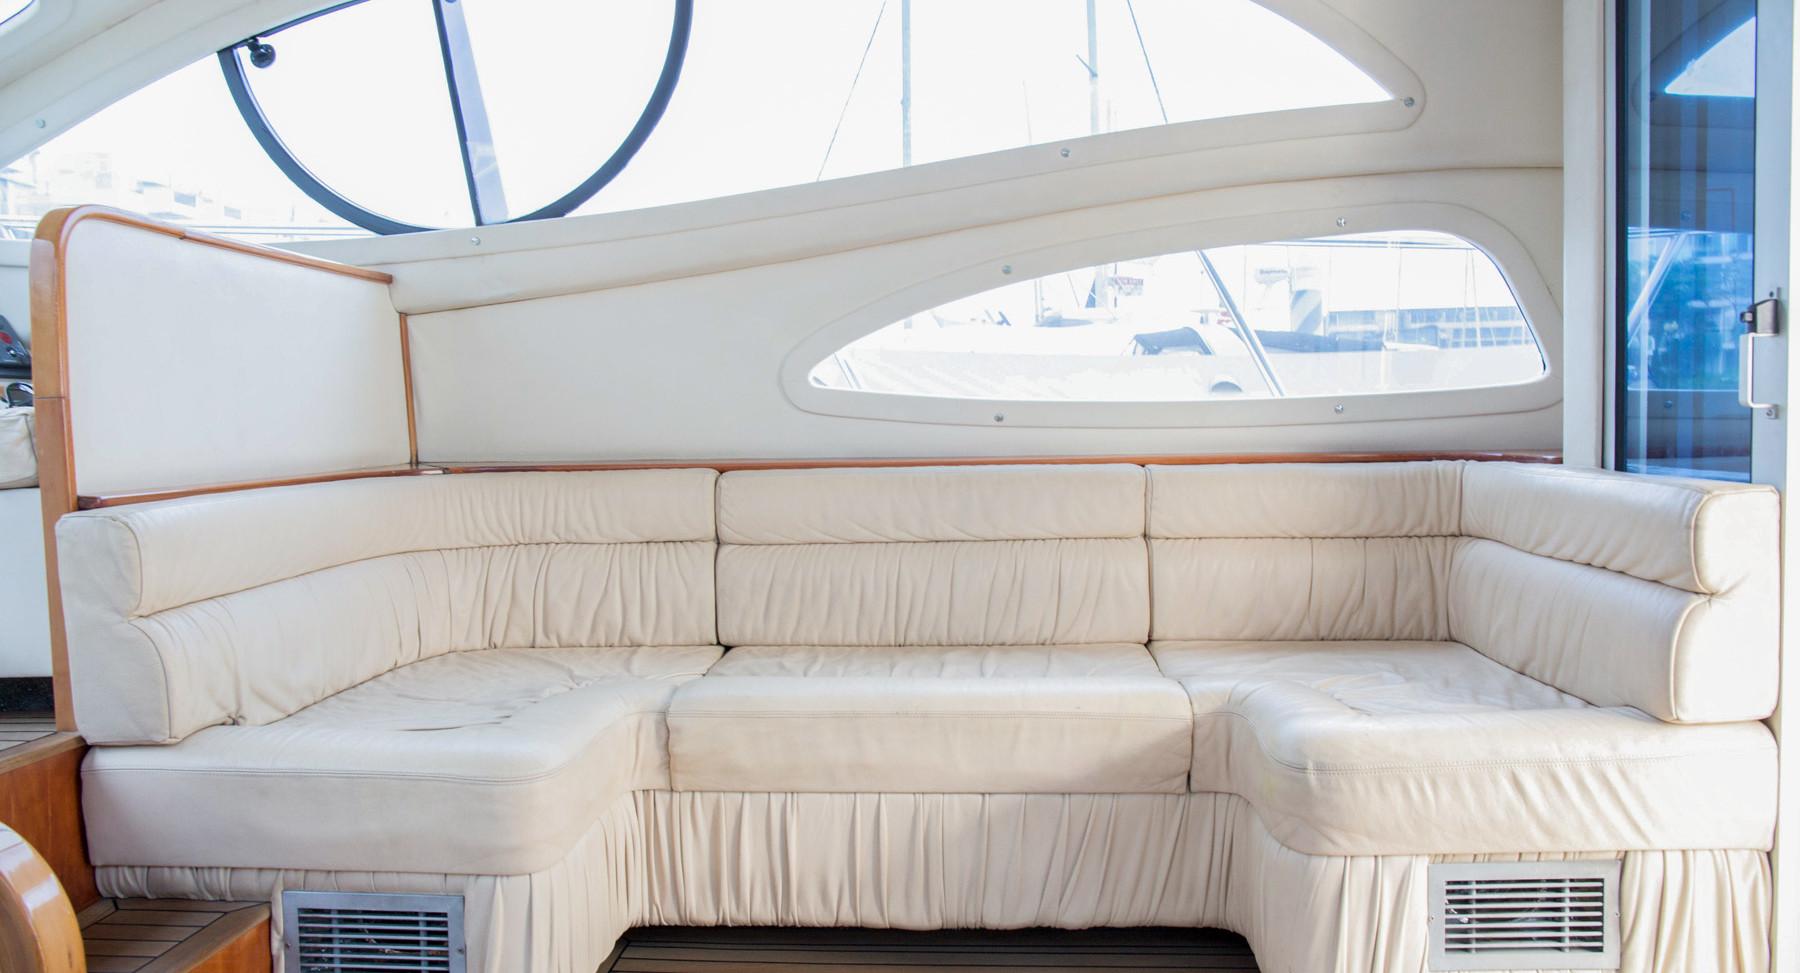 Monako-yacht-interior-4.jpg